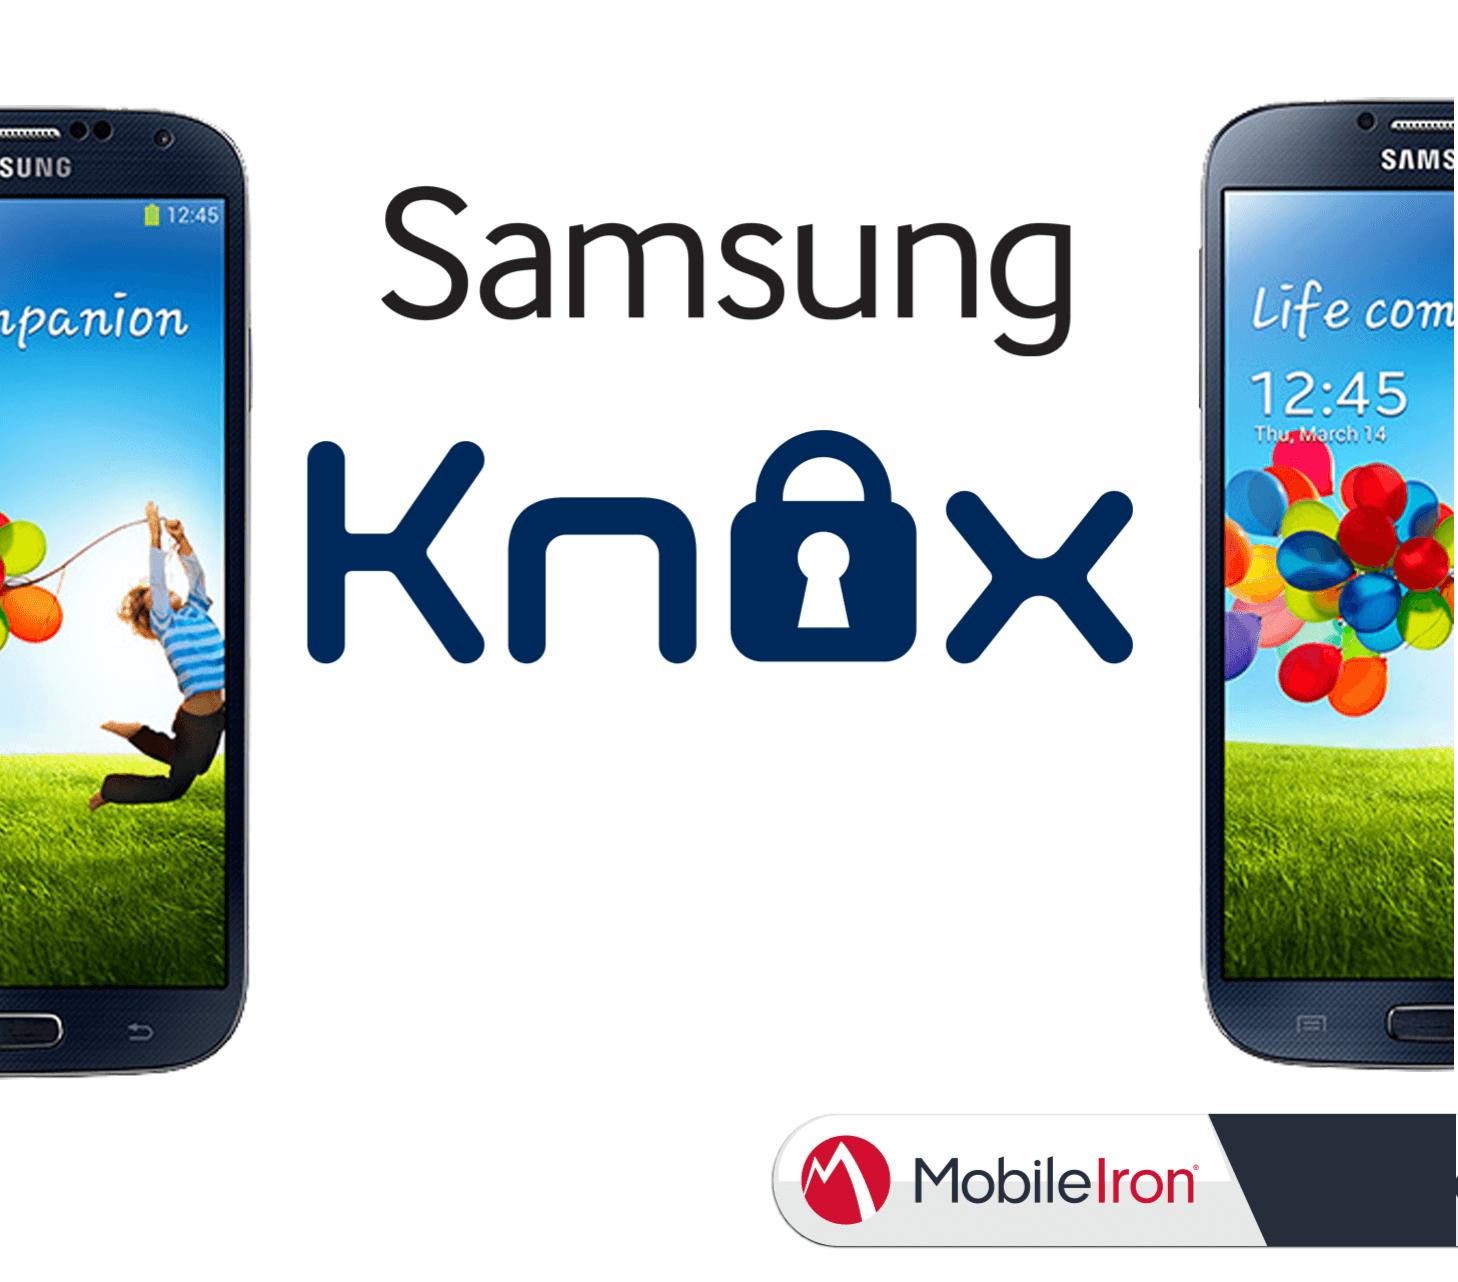 Samsung KNOX, zusammen mit MobileIron